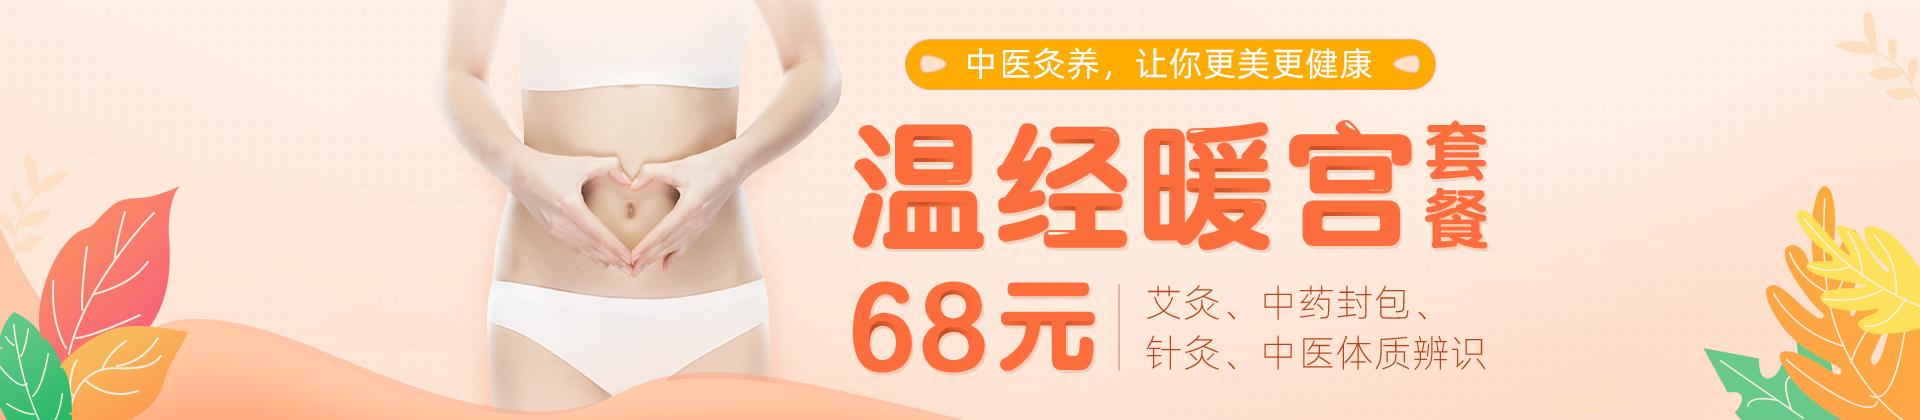 68元温经暖宫套餐